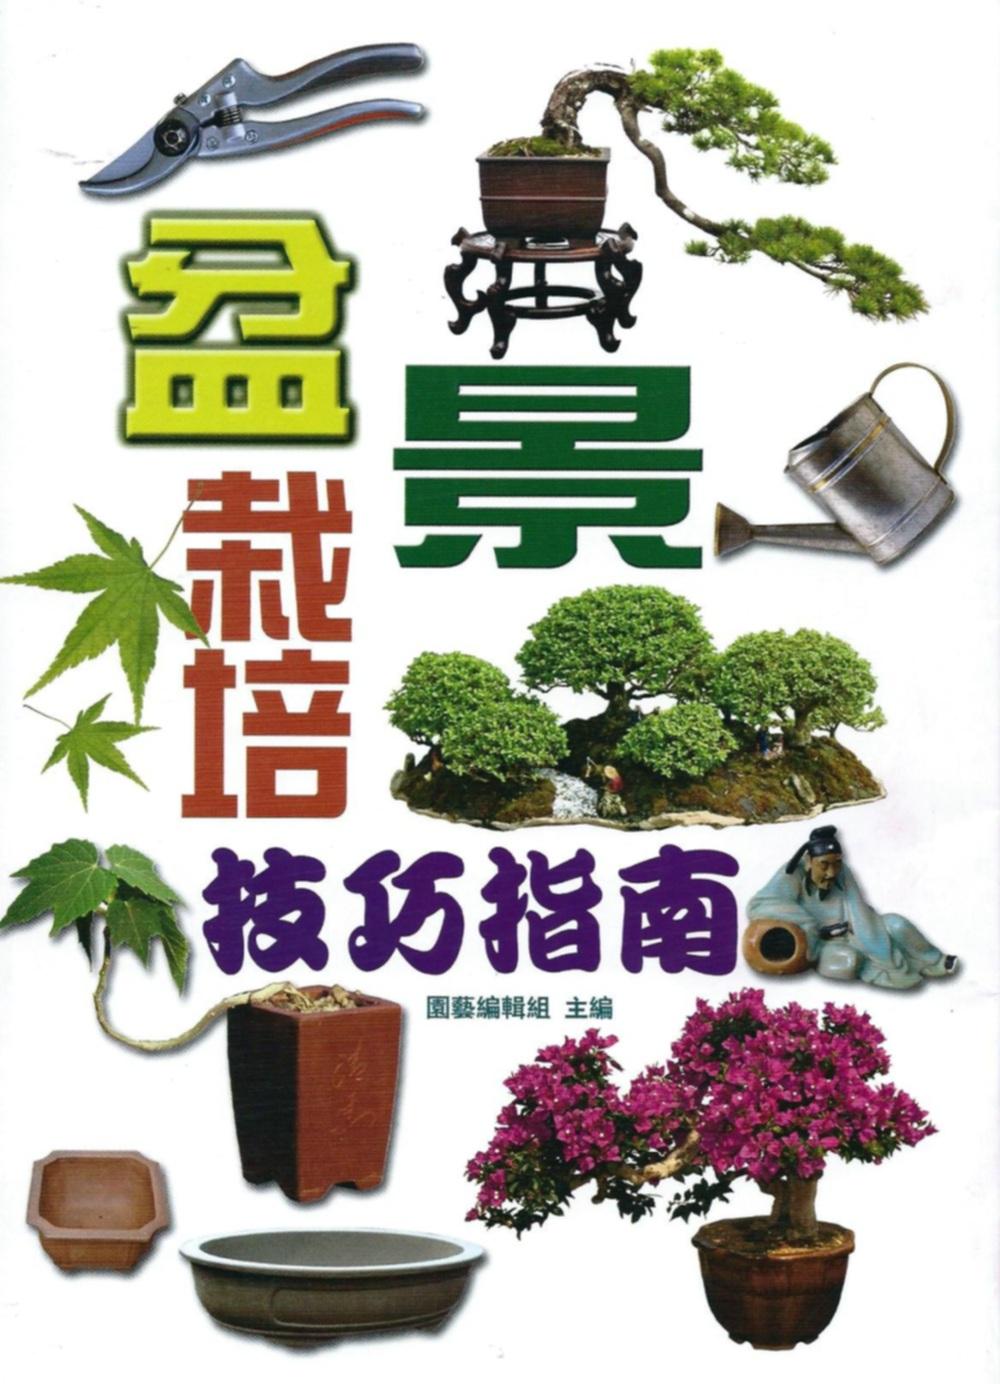 盆景栽培技巧指南